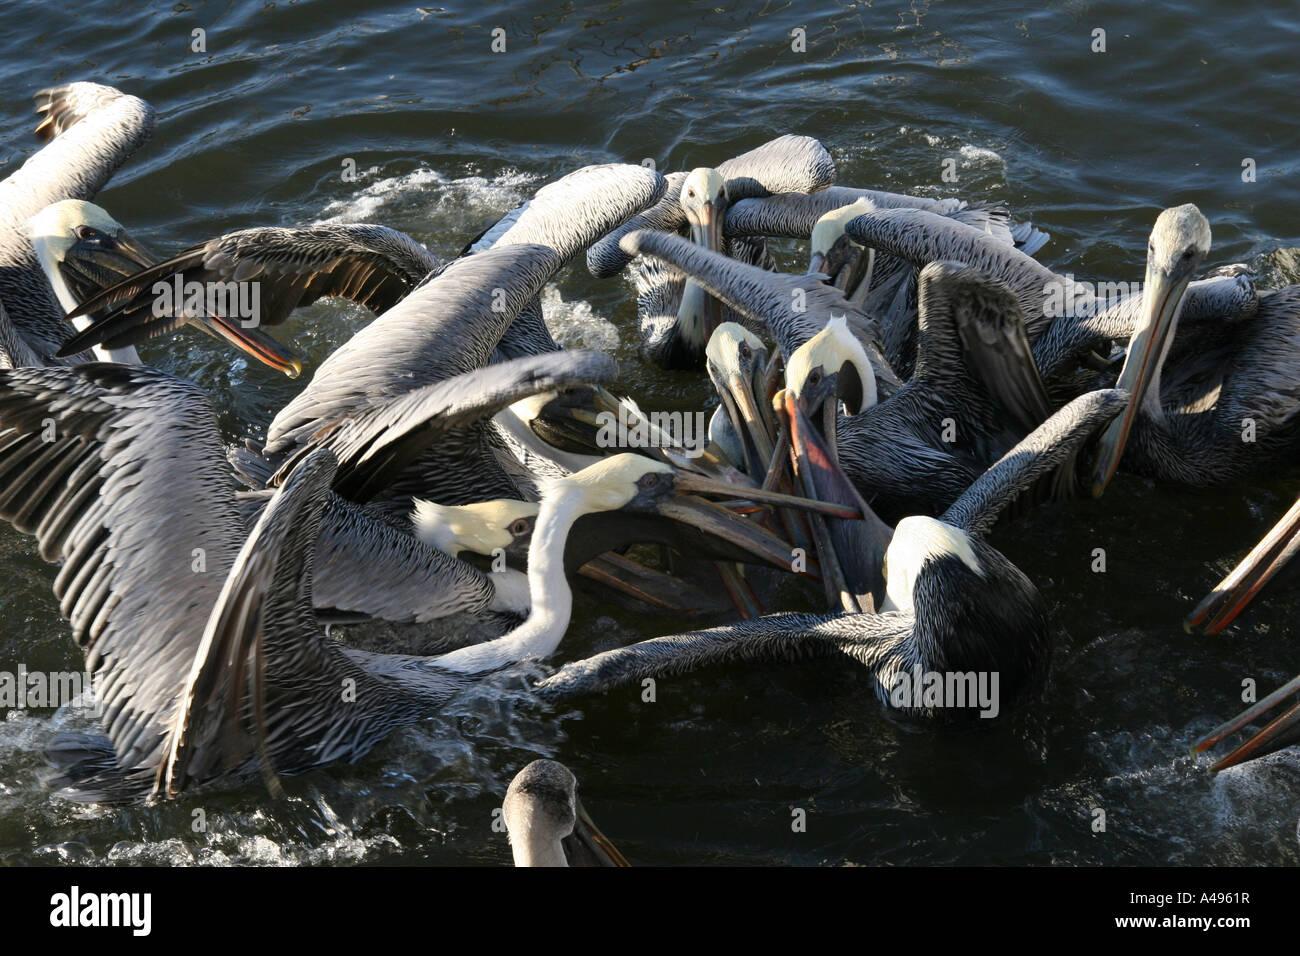 Brown pelicans scrambling for fish scraps - Stock Image